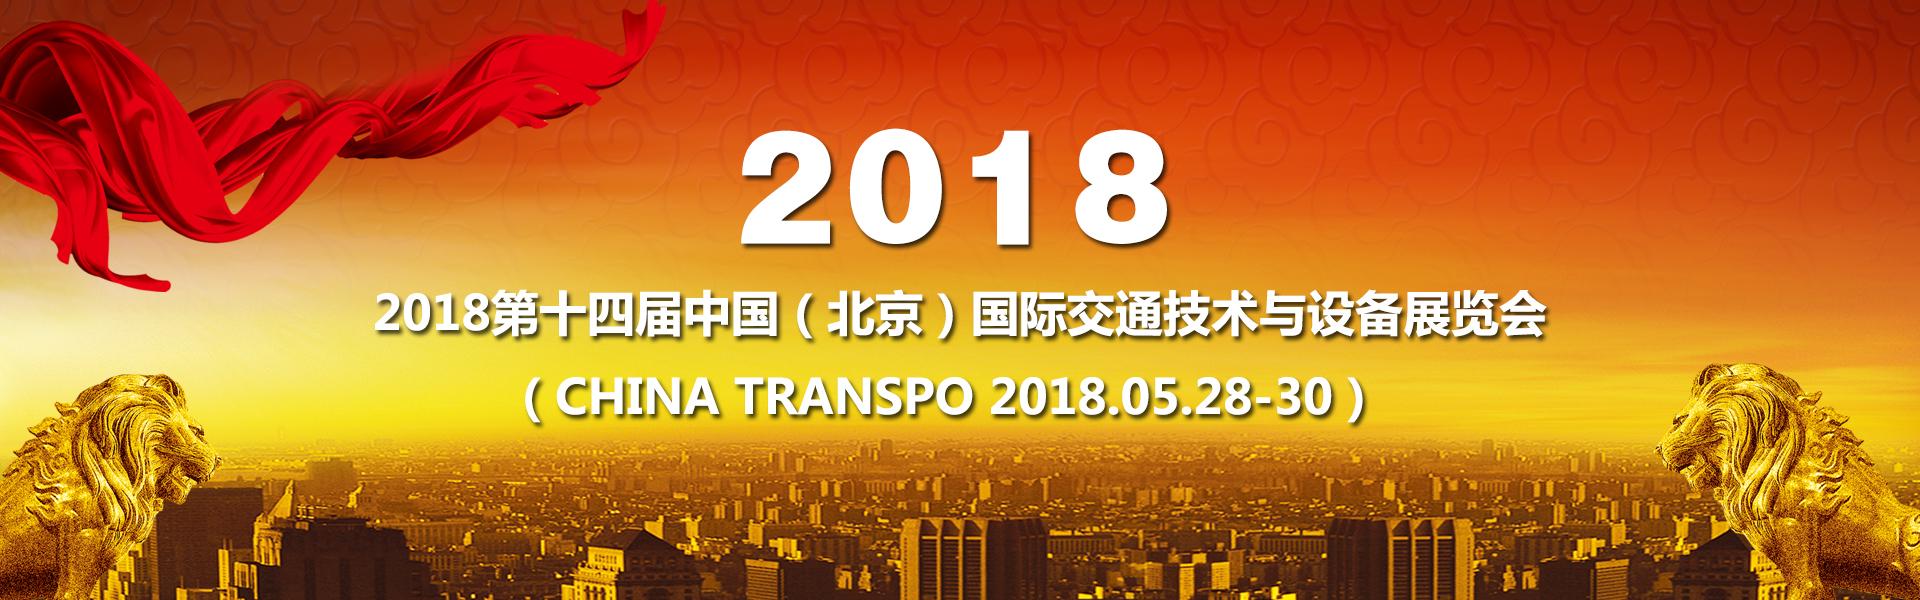 2018第十四届中国(北京)国际交通技术与设备展览会